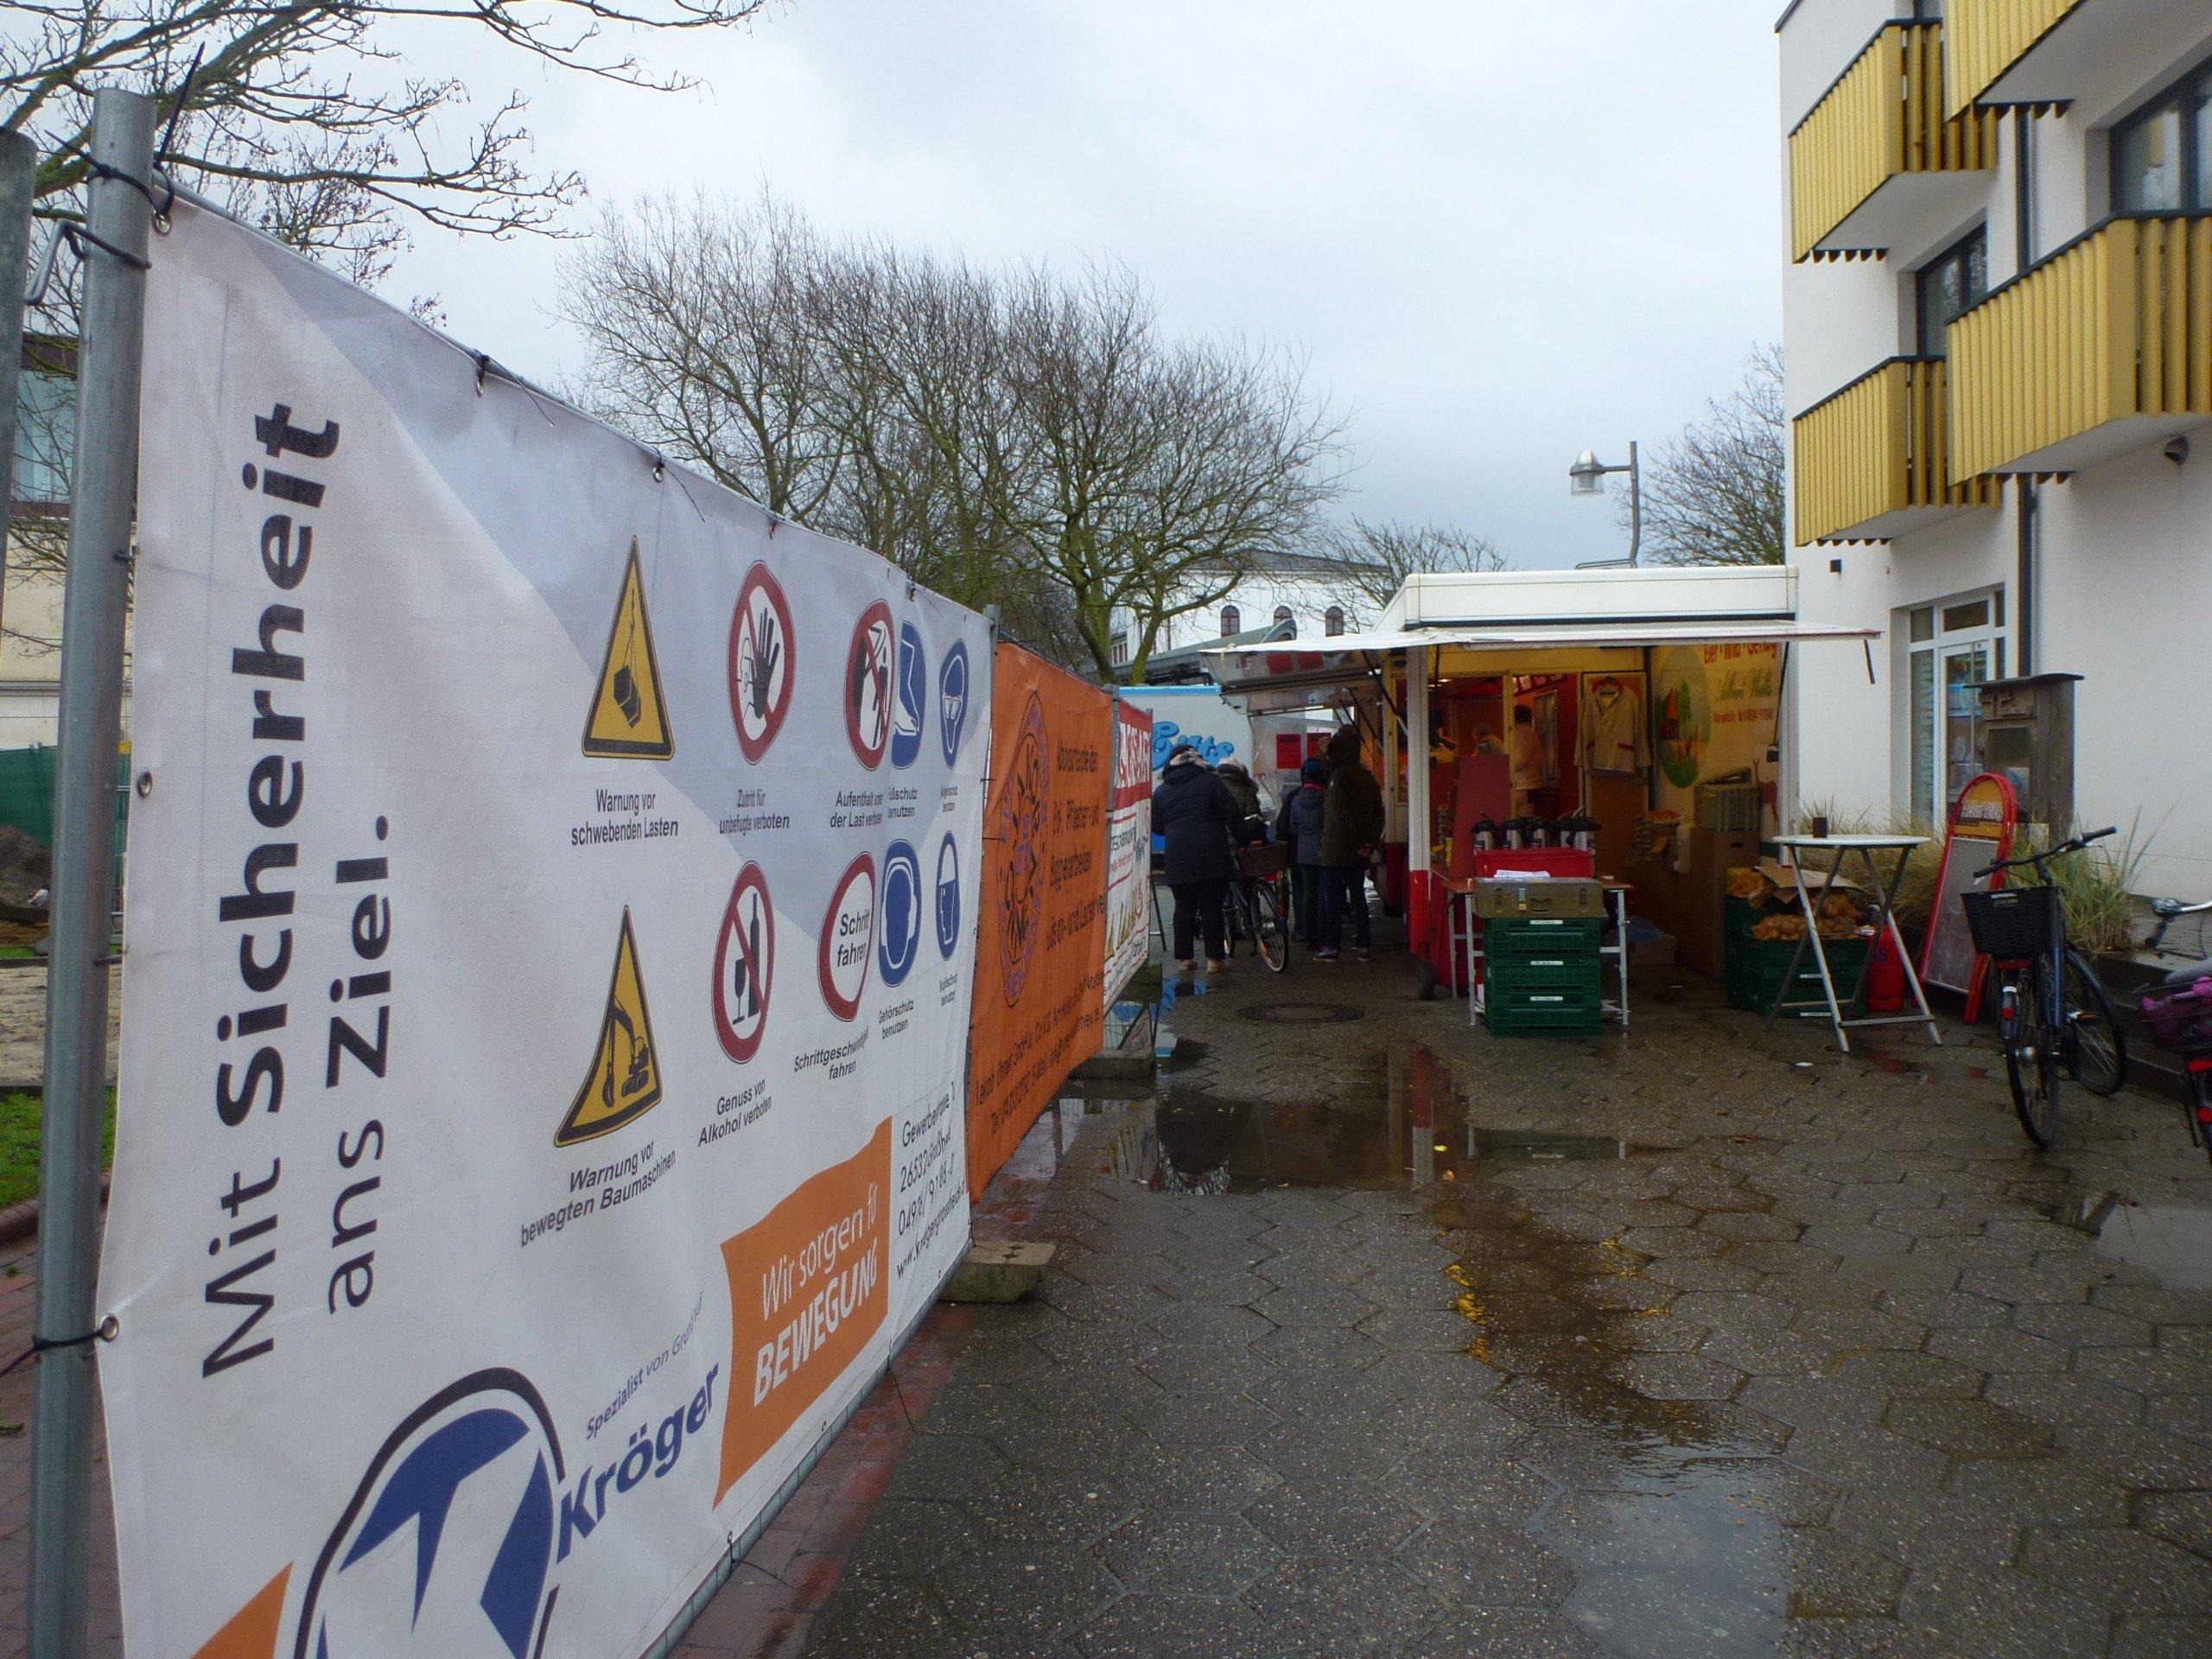 Wochenmarkt Norderney alter Standort